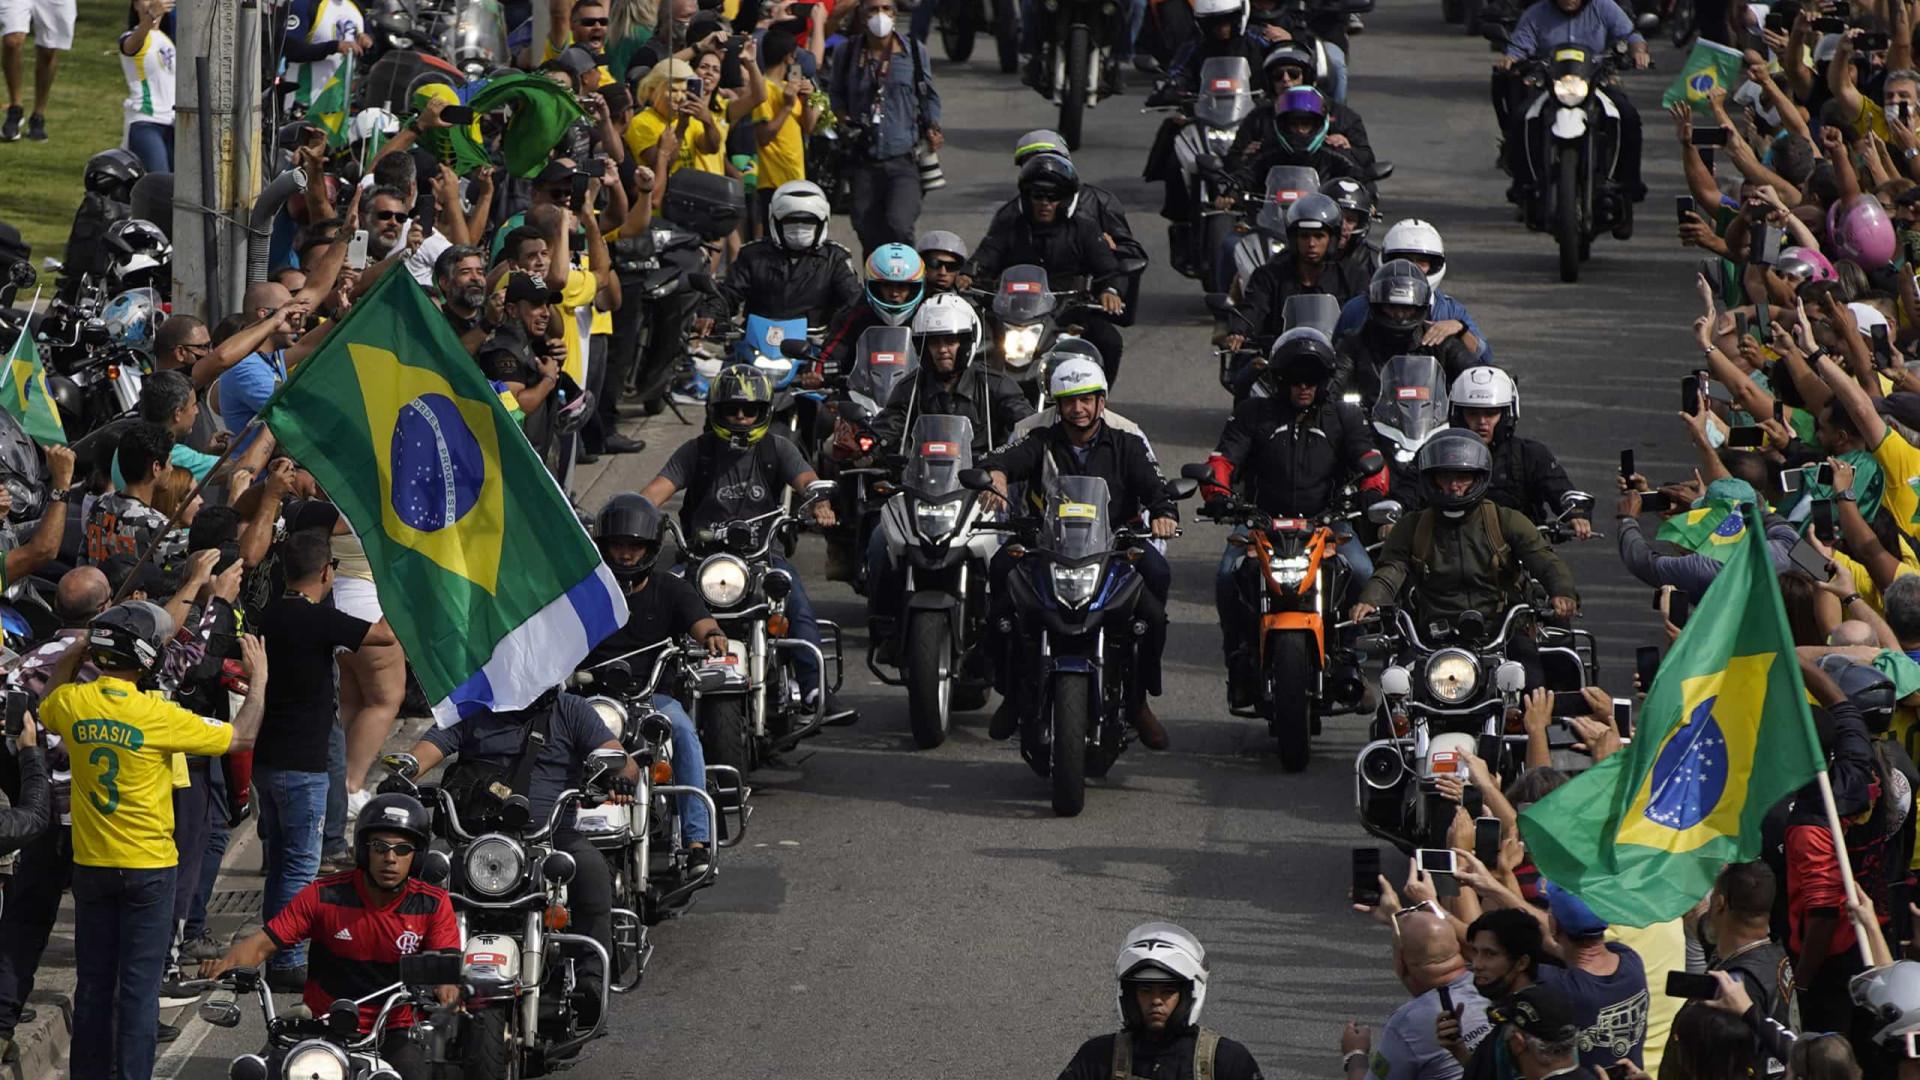 Centenas de motociclistas se concentram para passeio no Rio em apoio a Bolsonaro